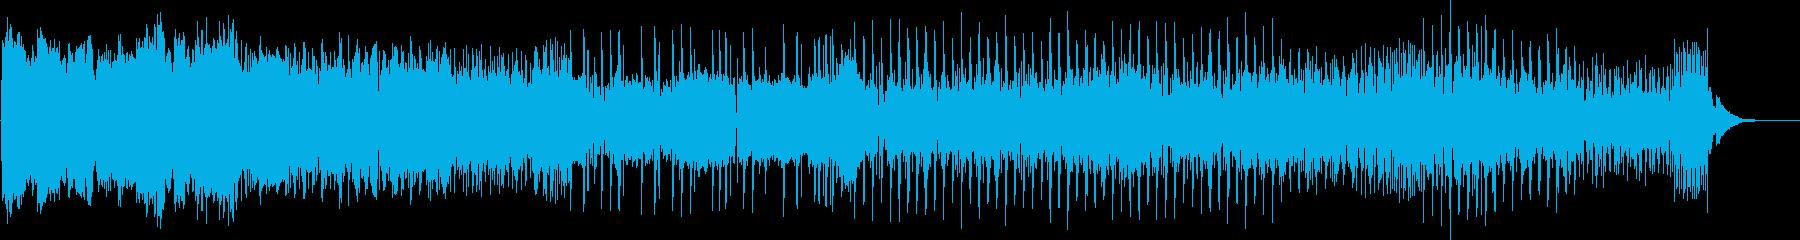 抑揚・キレのあるクールなEDMの再生済みの波形